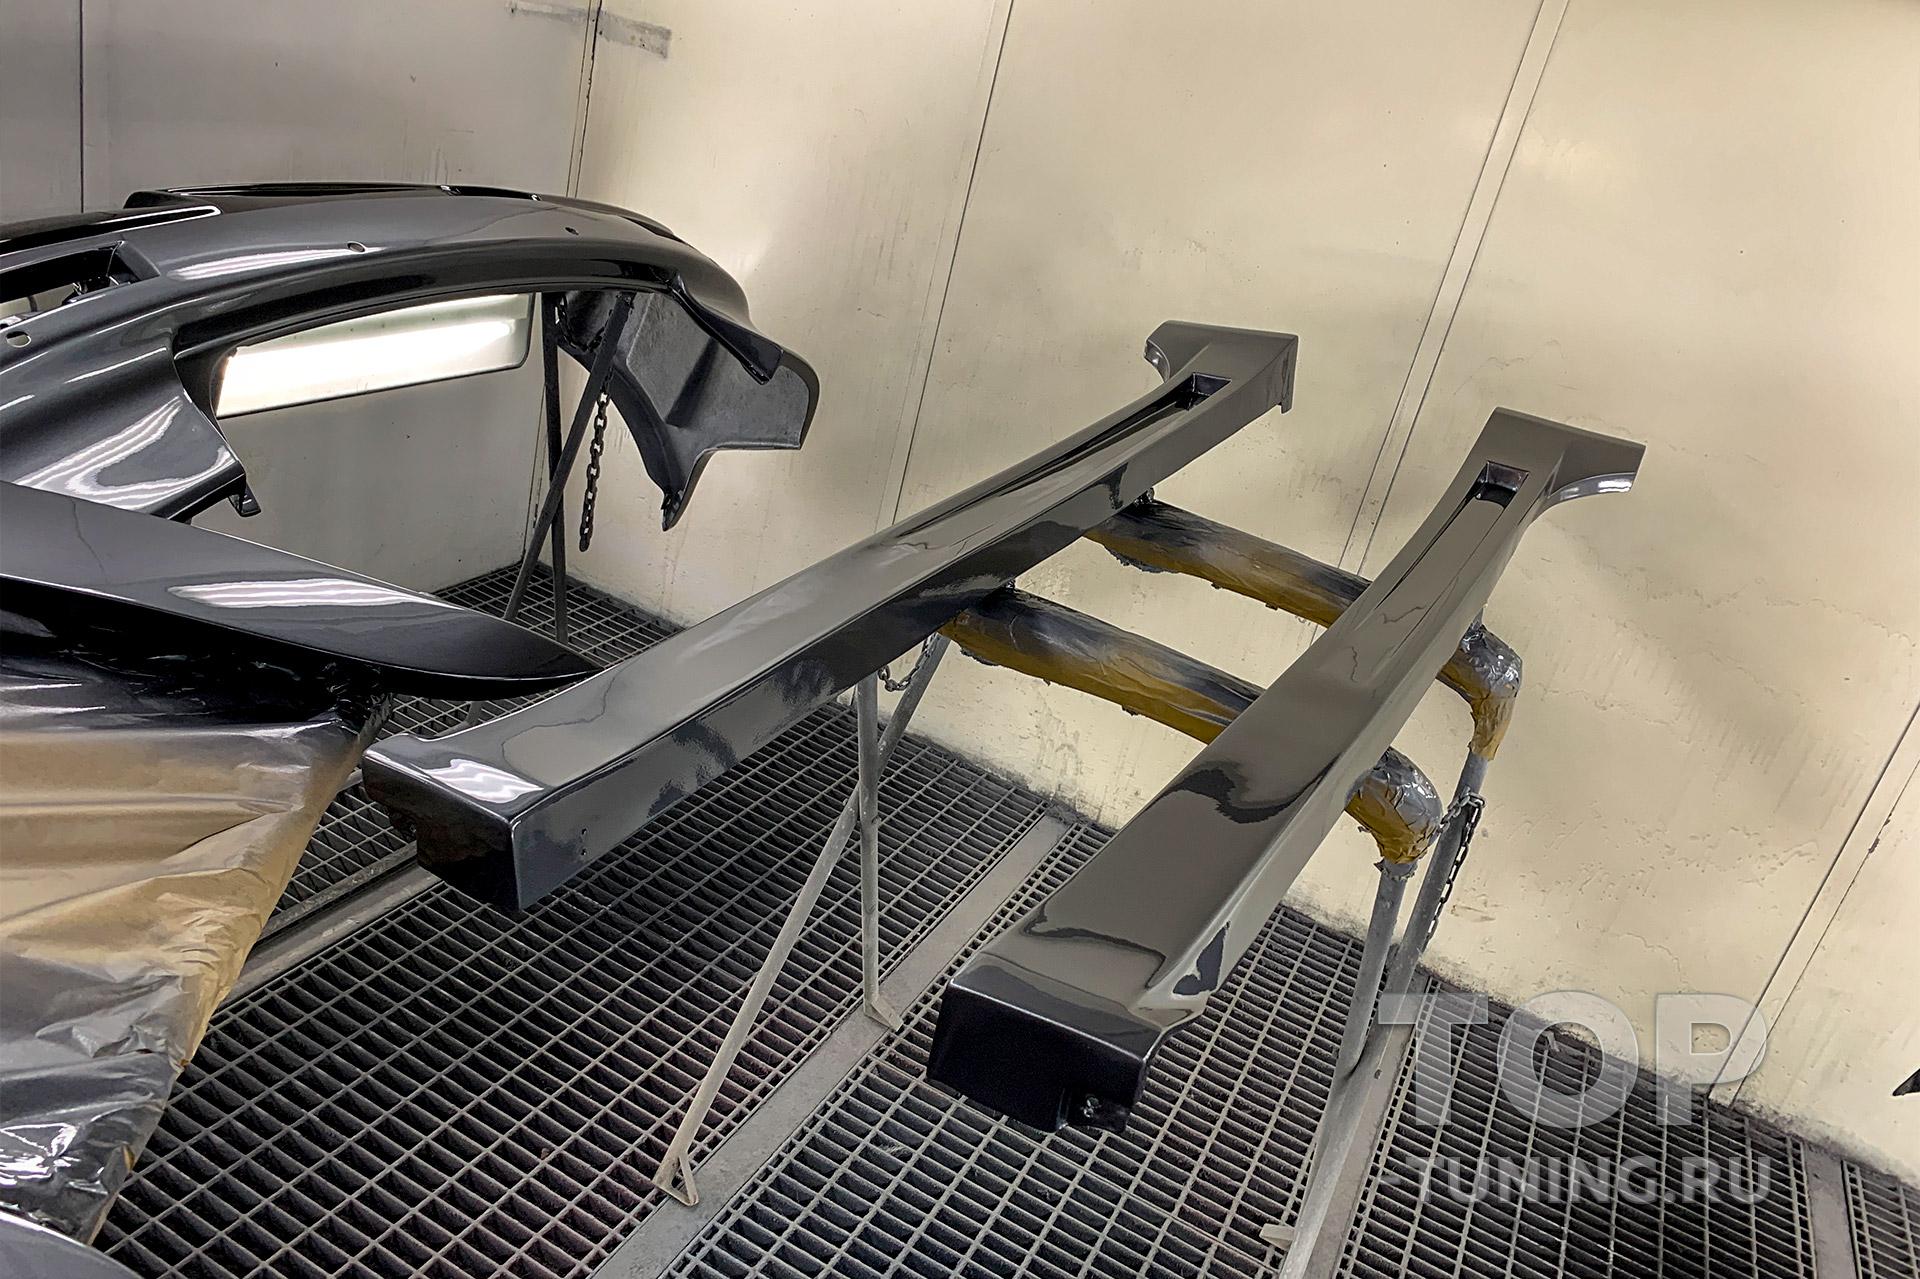 Накладки на пороги - тюнинг Акколейд ГТ400 (после окрашивания)